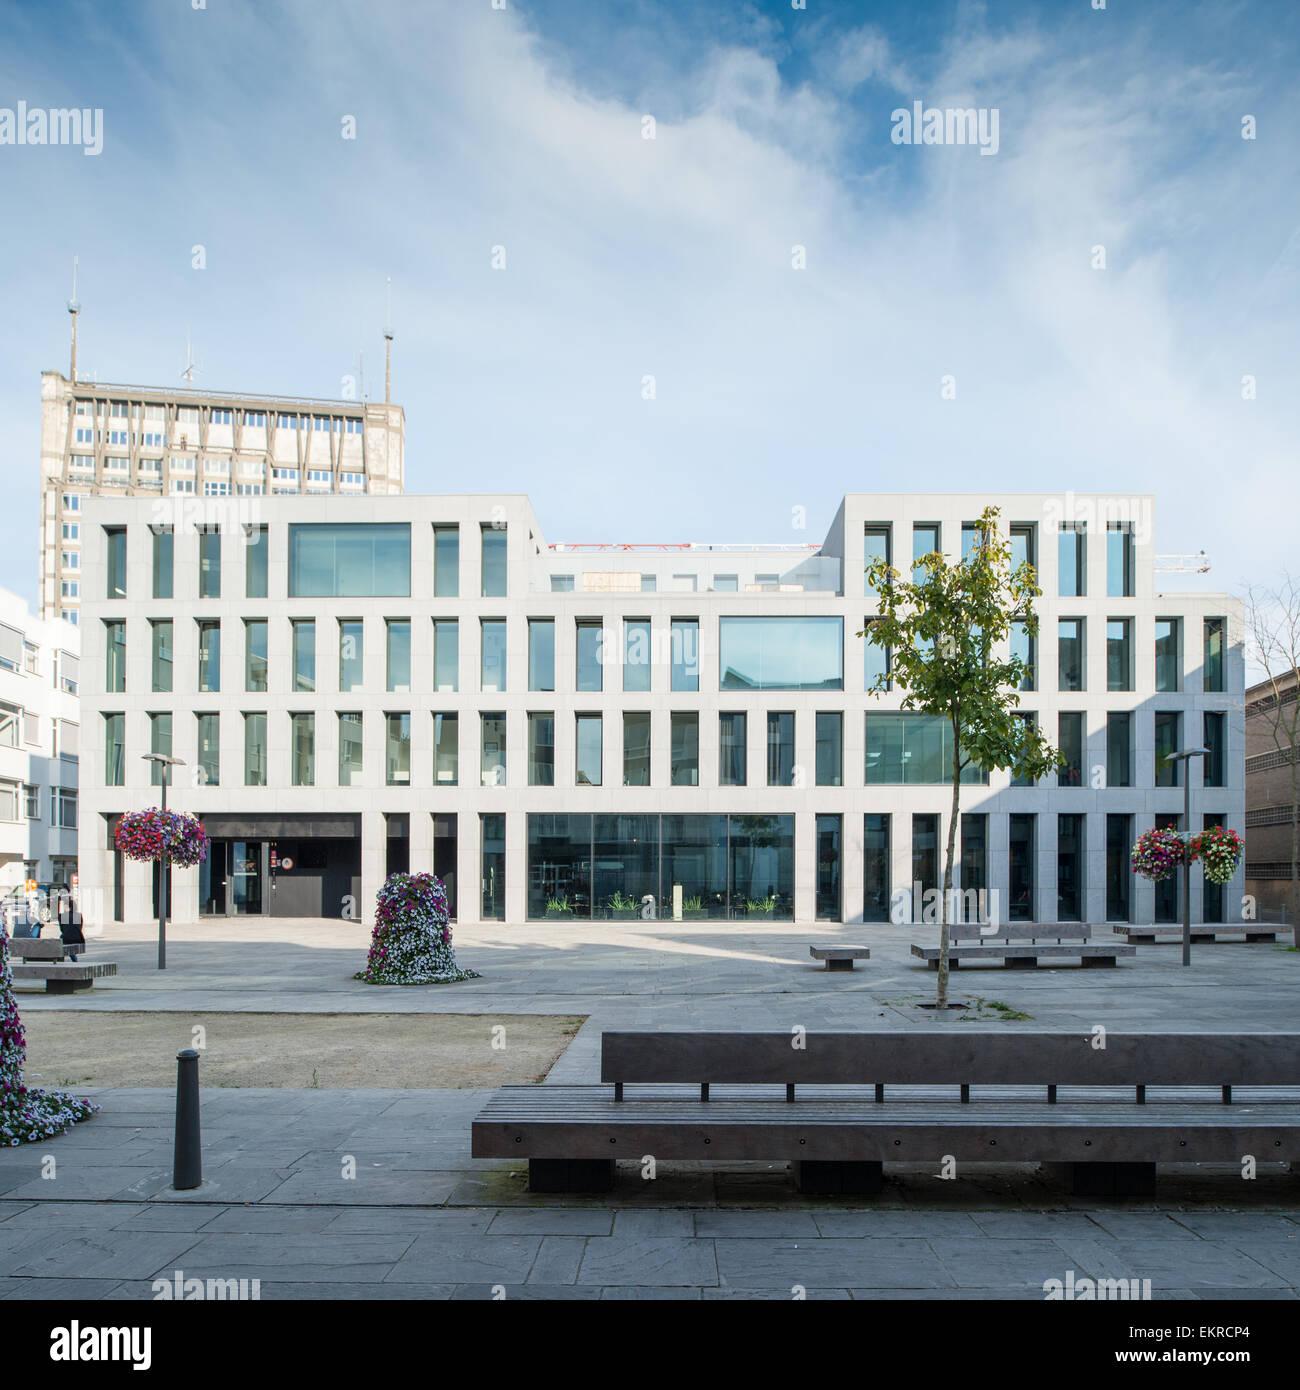 Belgium, Antwerp, Youth hostel designed by Vincent Van Duysen ...